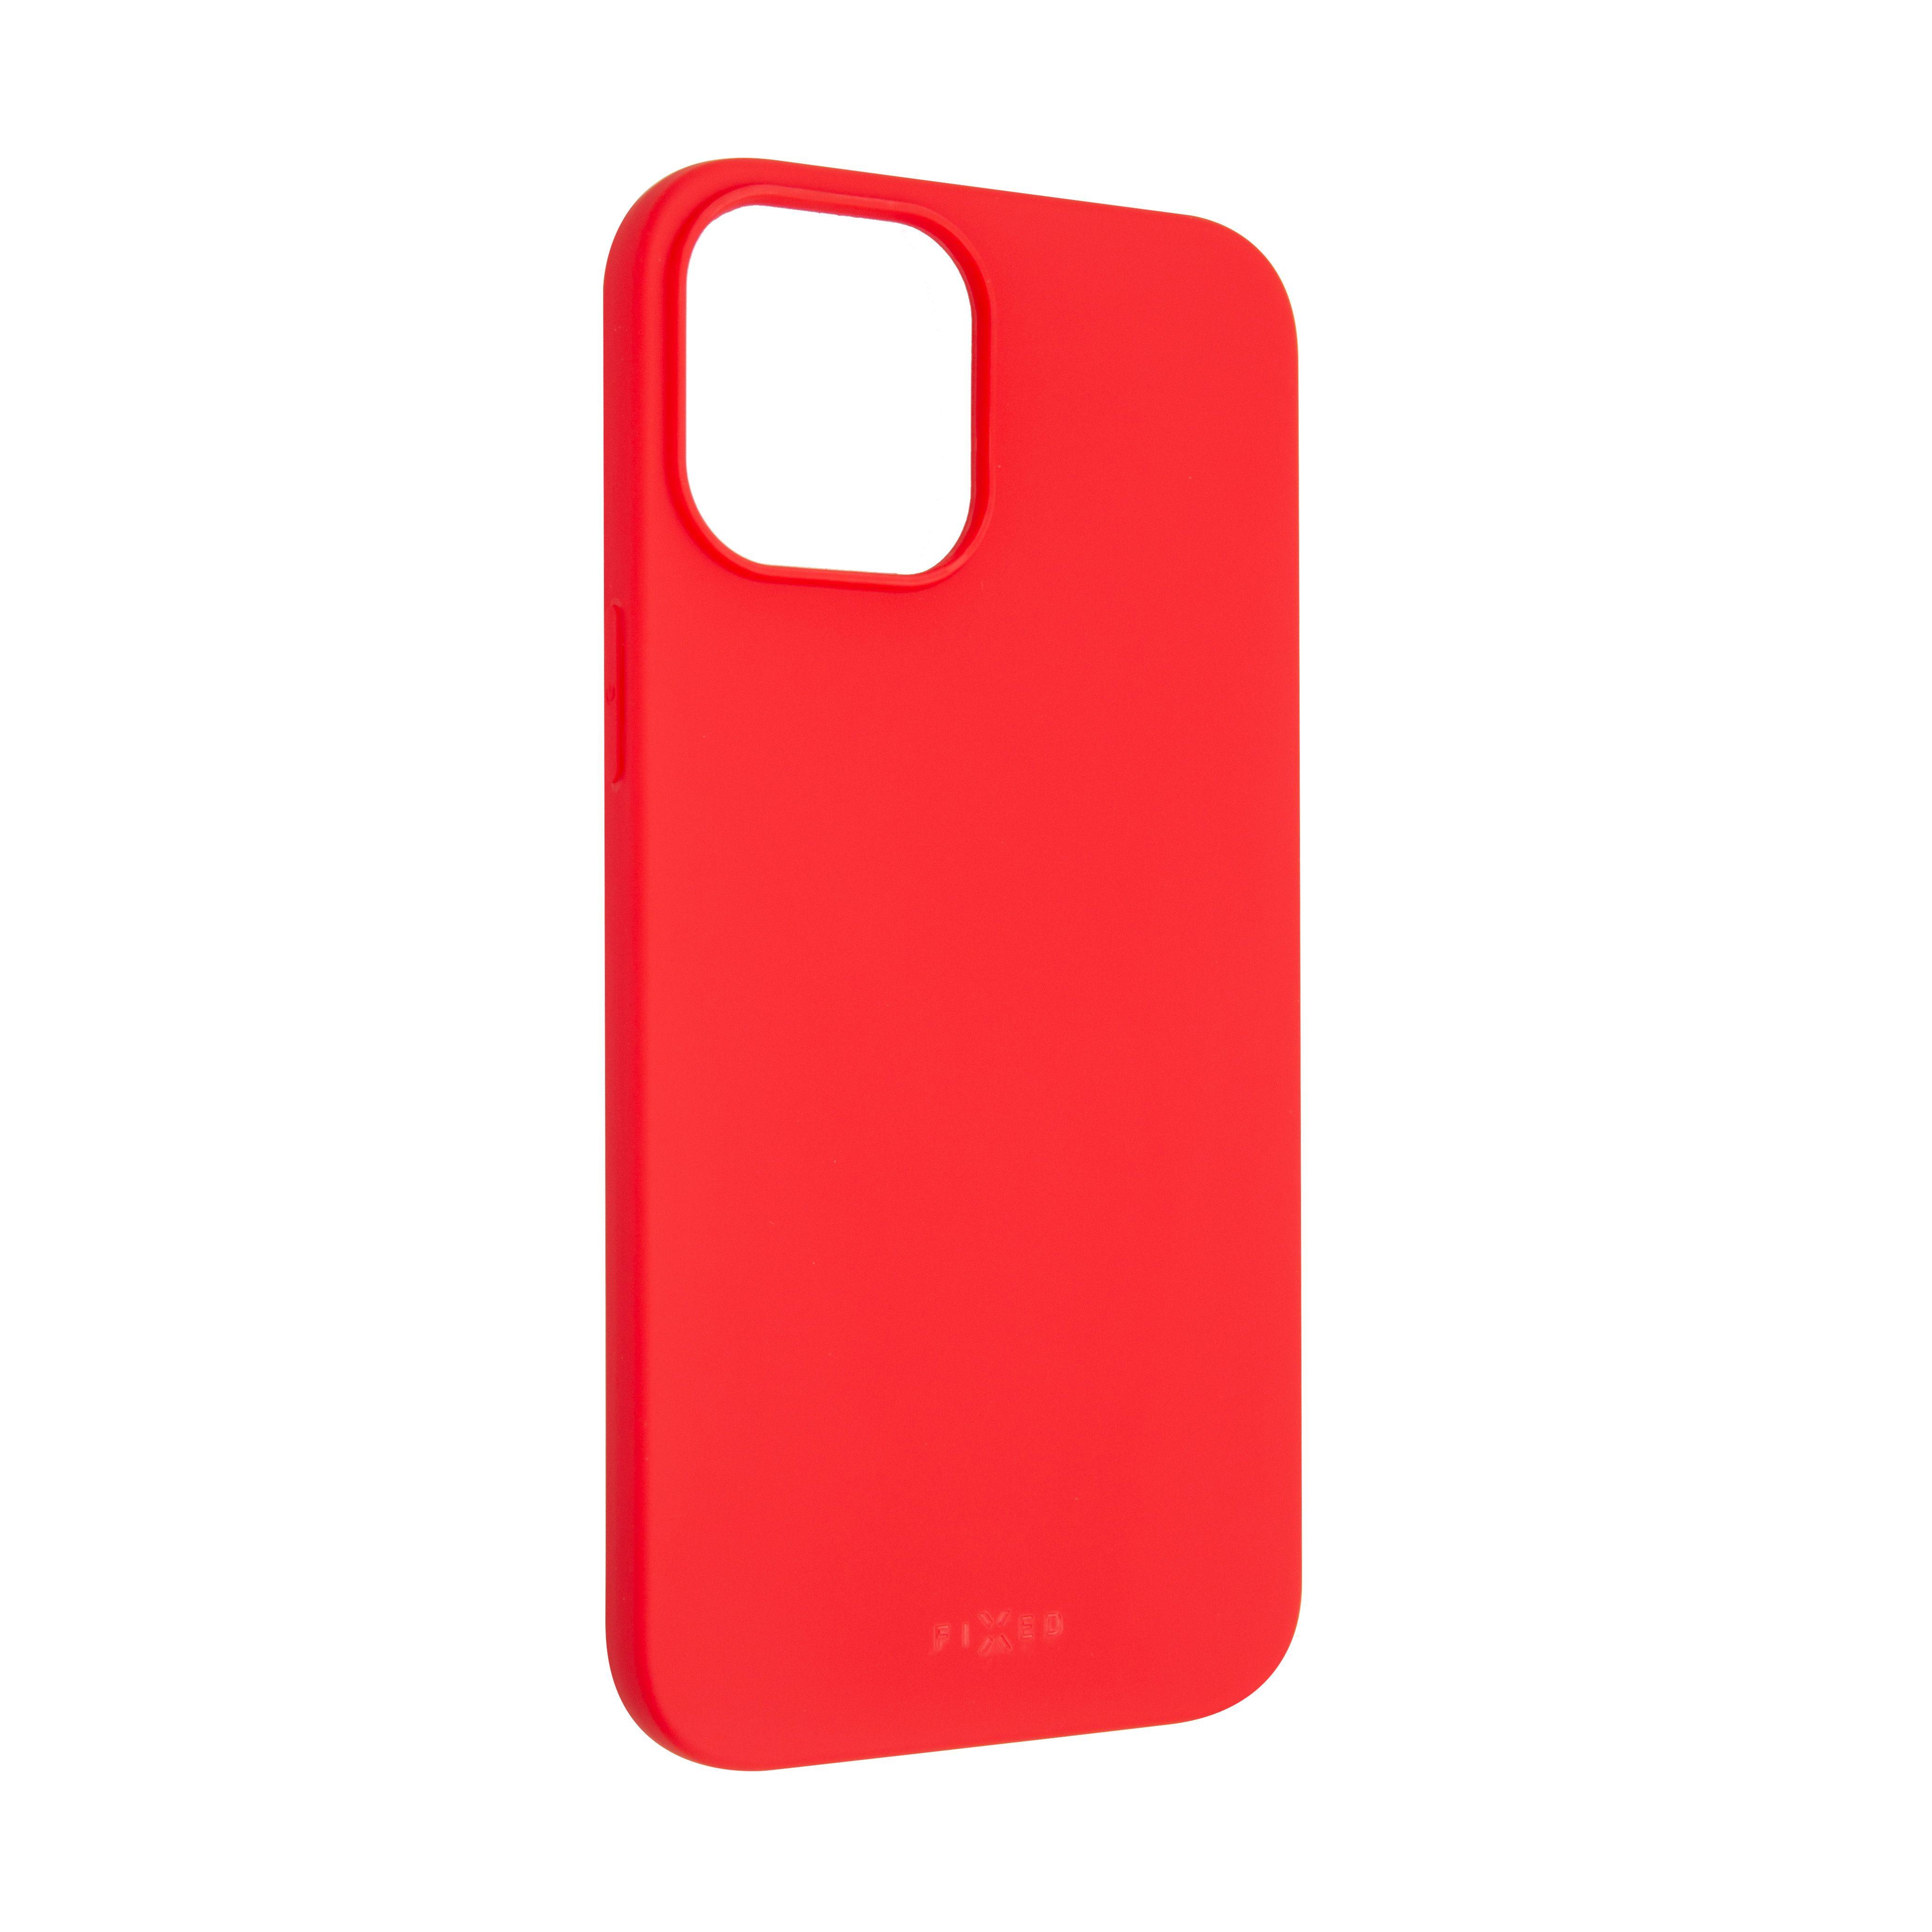 Zadní pogumovaný kryt FIXED Story pro Apple iPhone 12 Pro Max, červený